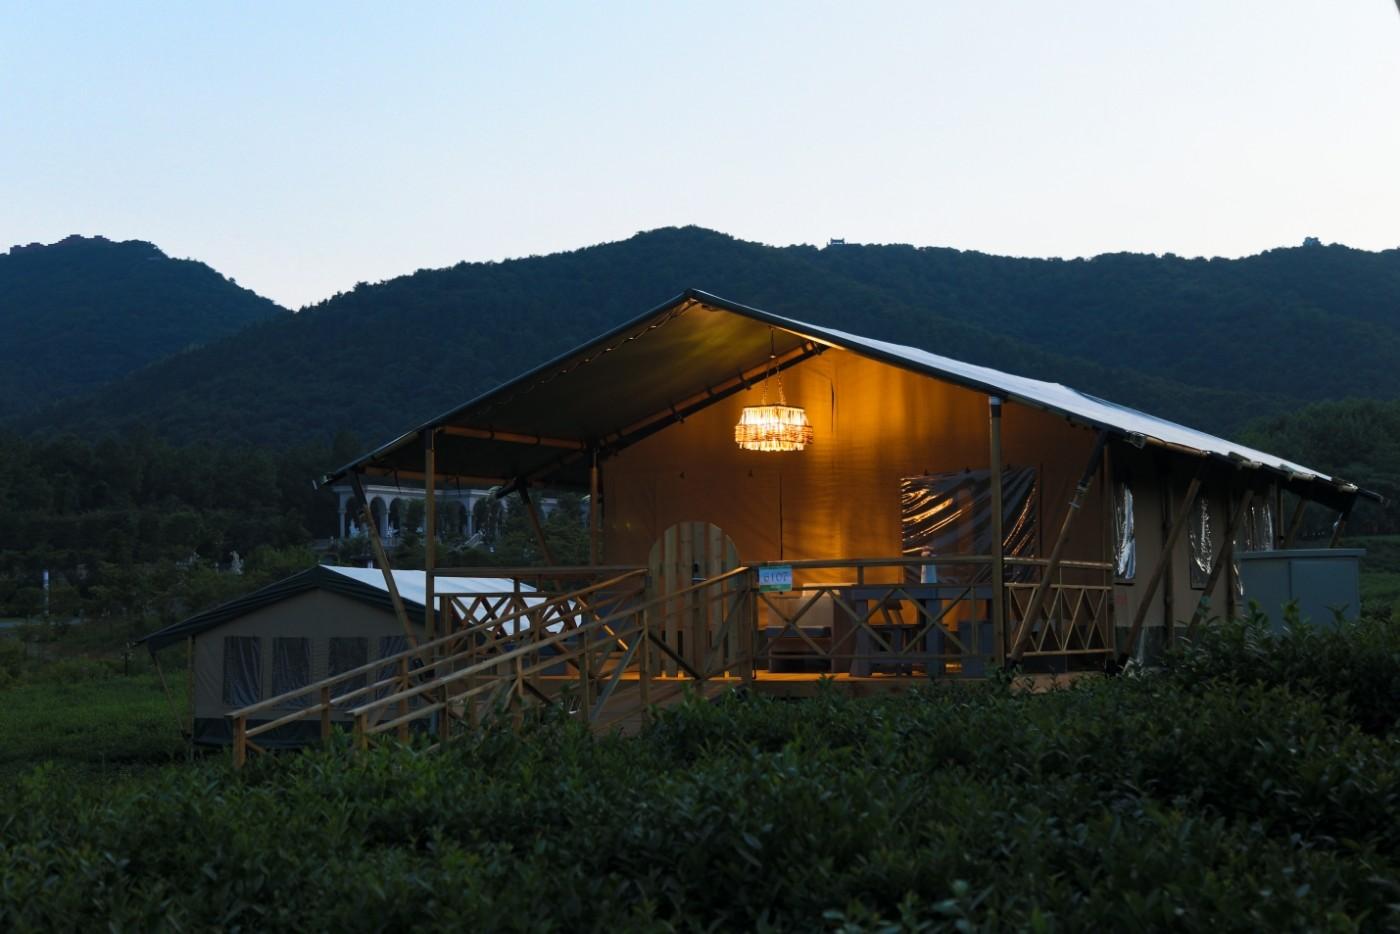 喜马拉雅野奢帐篷酒店—江苏常州茅山宝盛园茶园帐篷酒店23